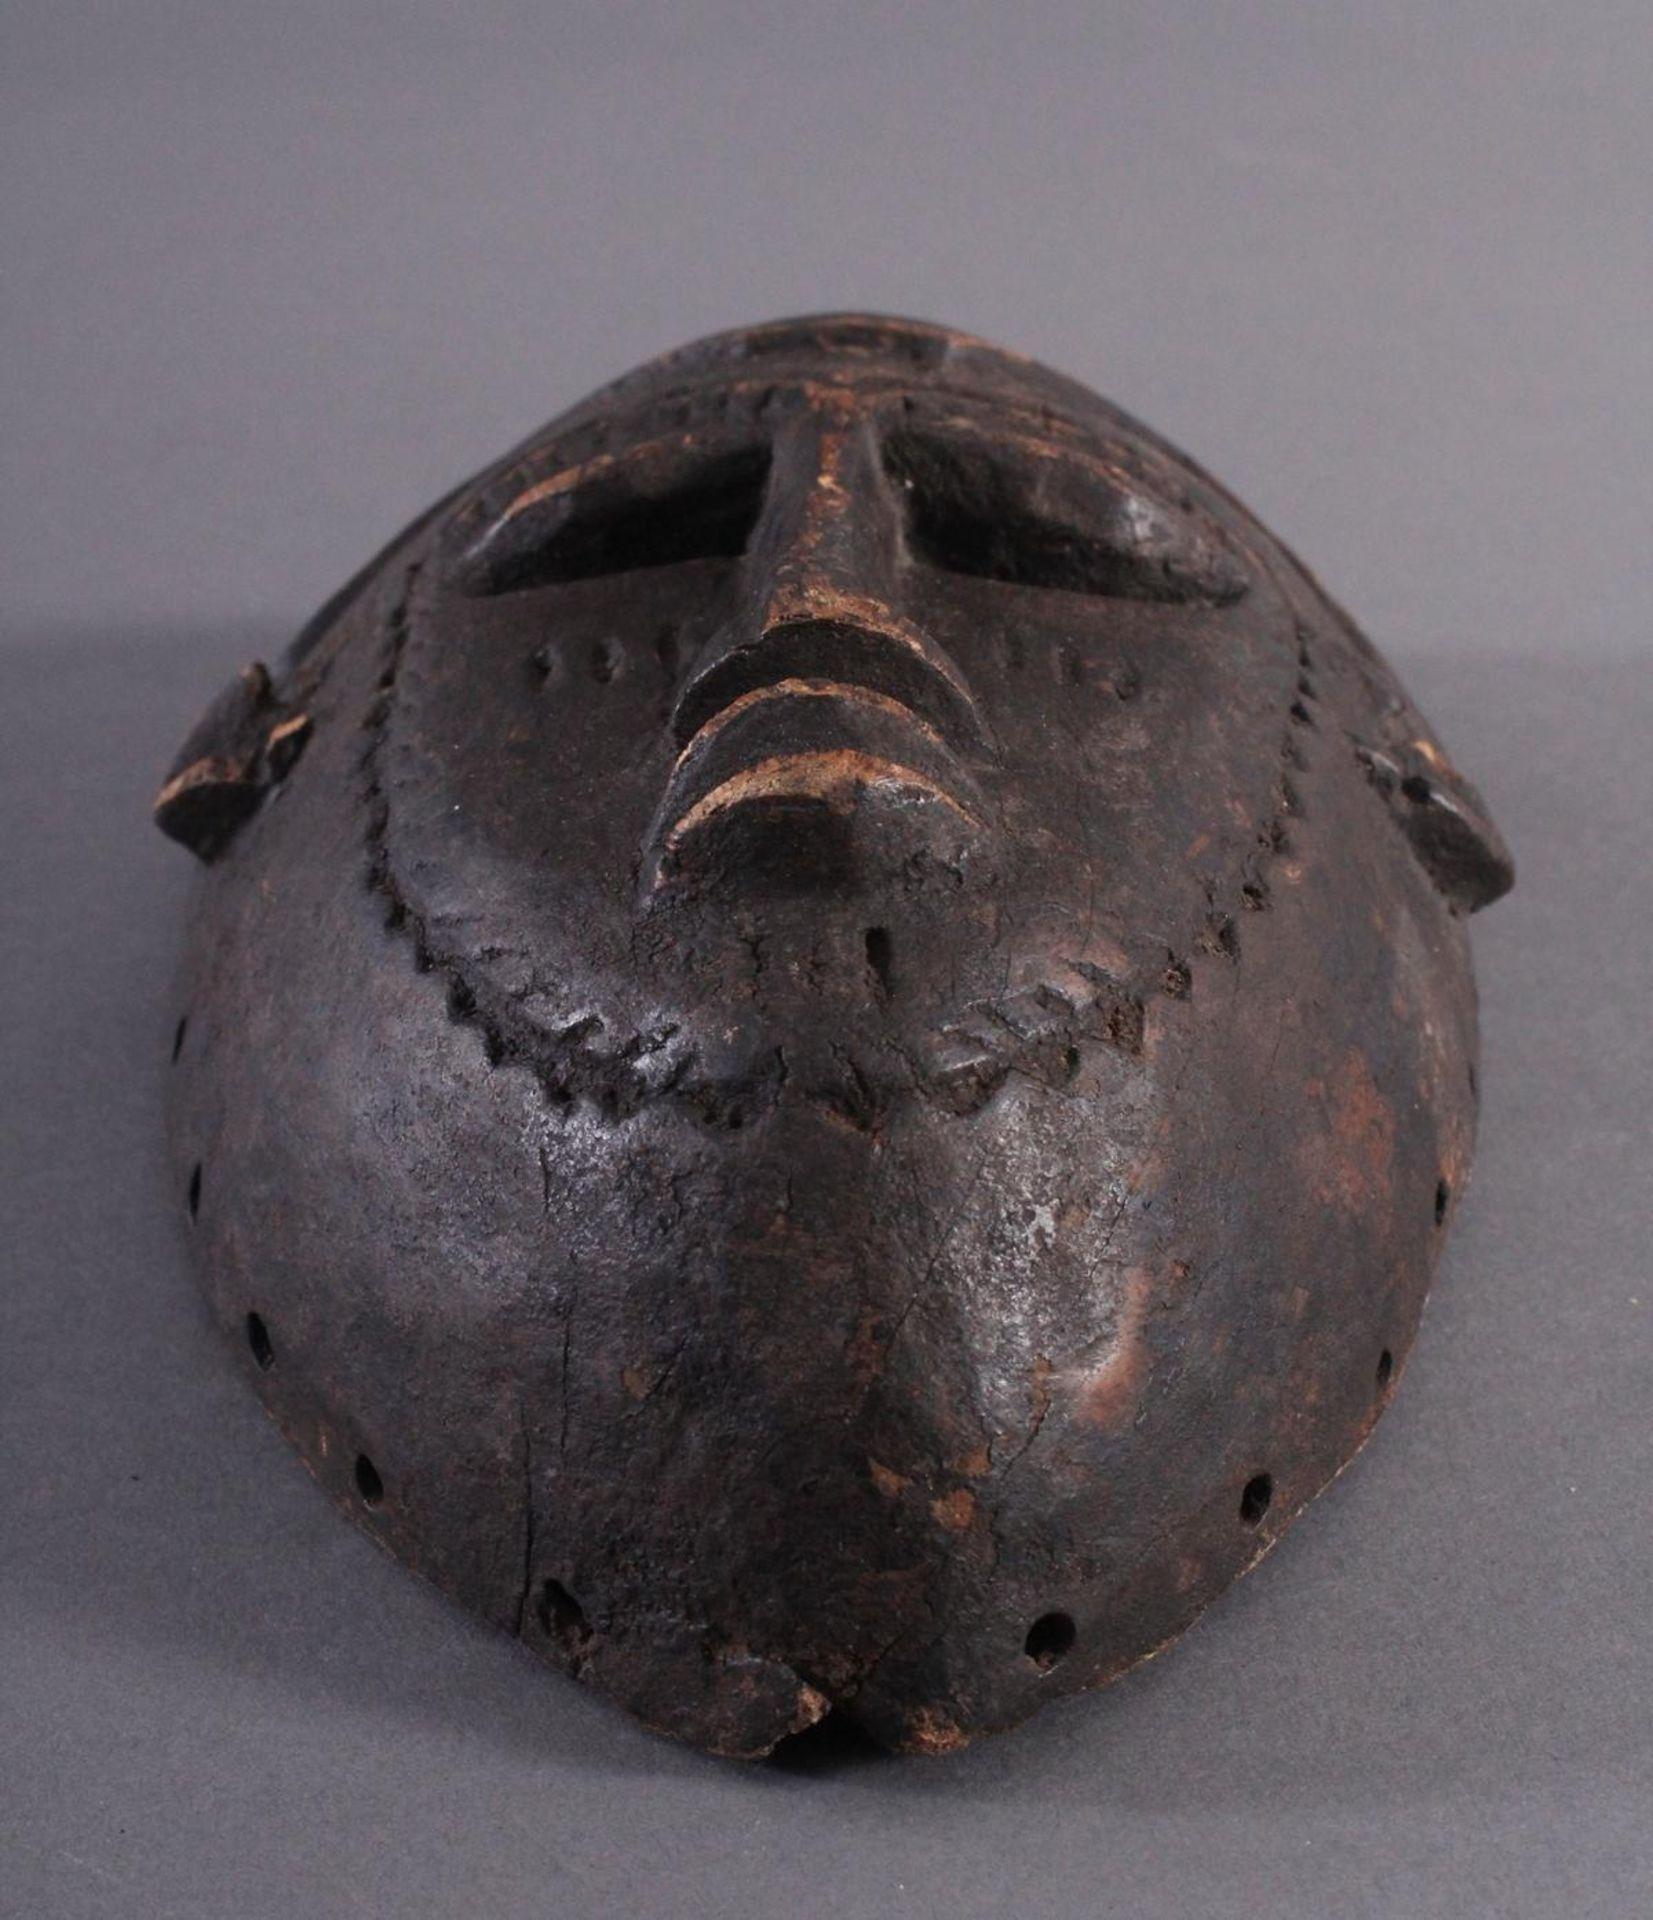 Antike Maske, Kwele-GabunHolz, geschnitzt, dunkle Patina, Narbentatauierung, ca. L-27 cm - Bild 5 aus 6